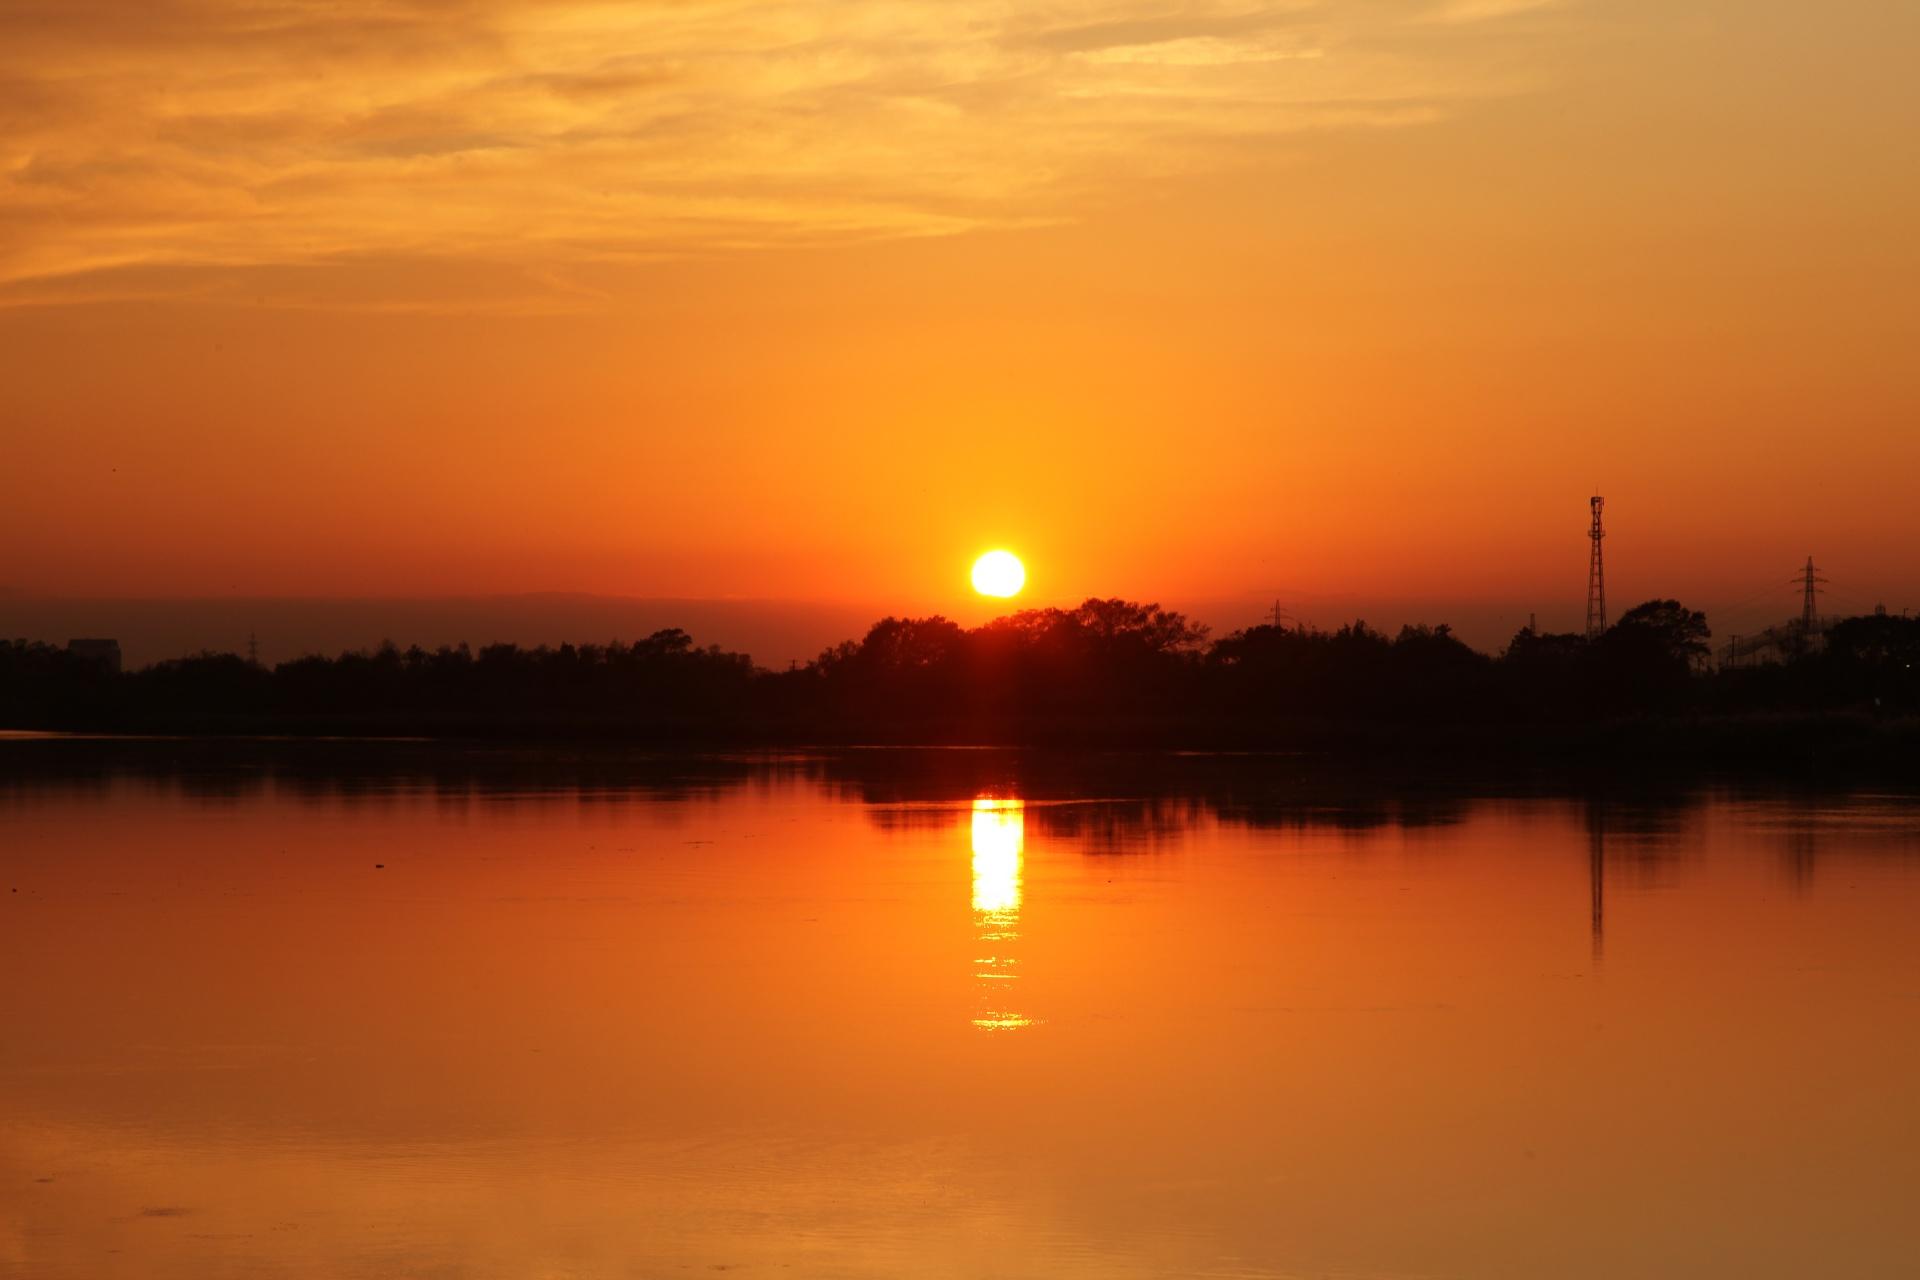 石巻の日の入りの風景 宮城の風景